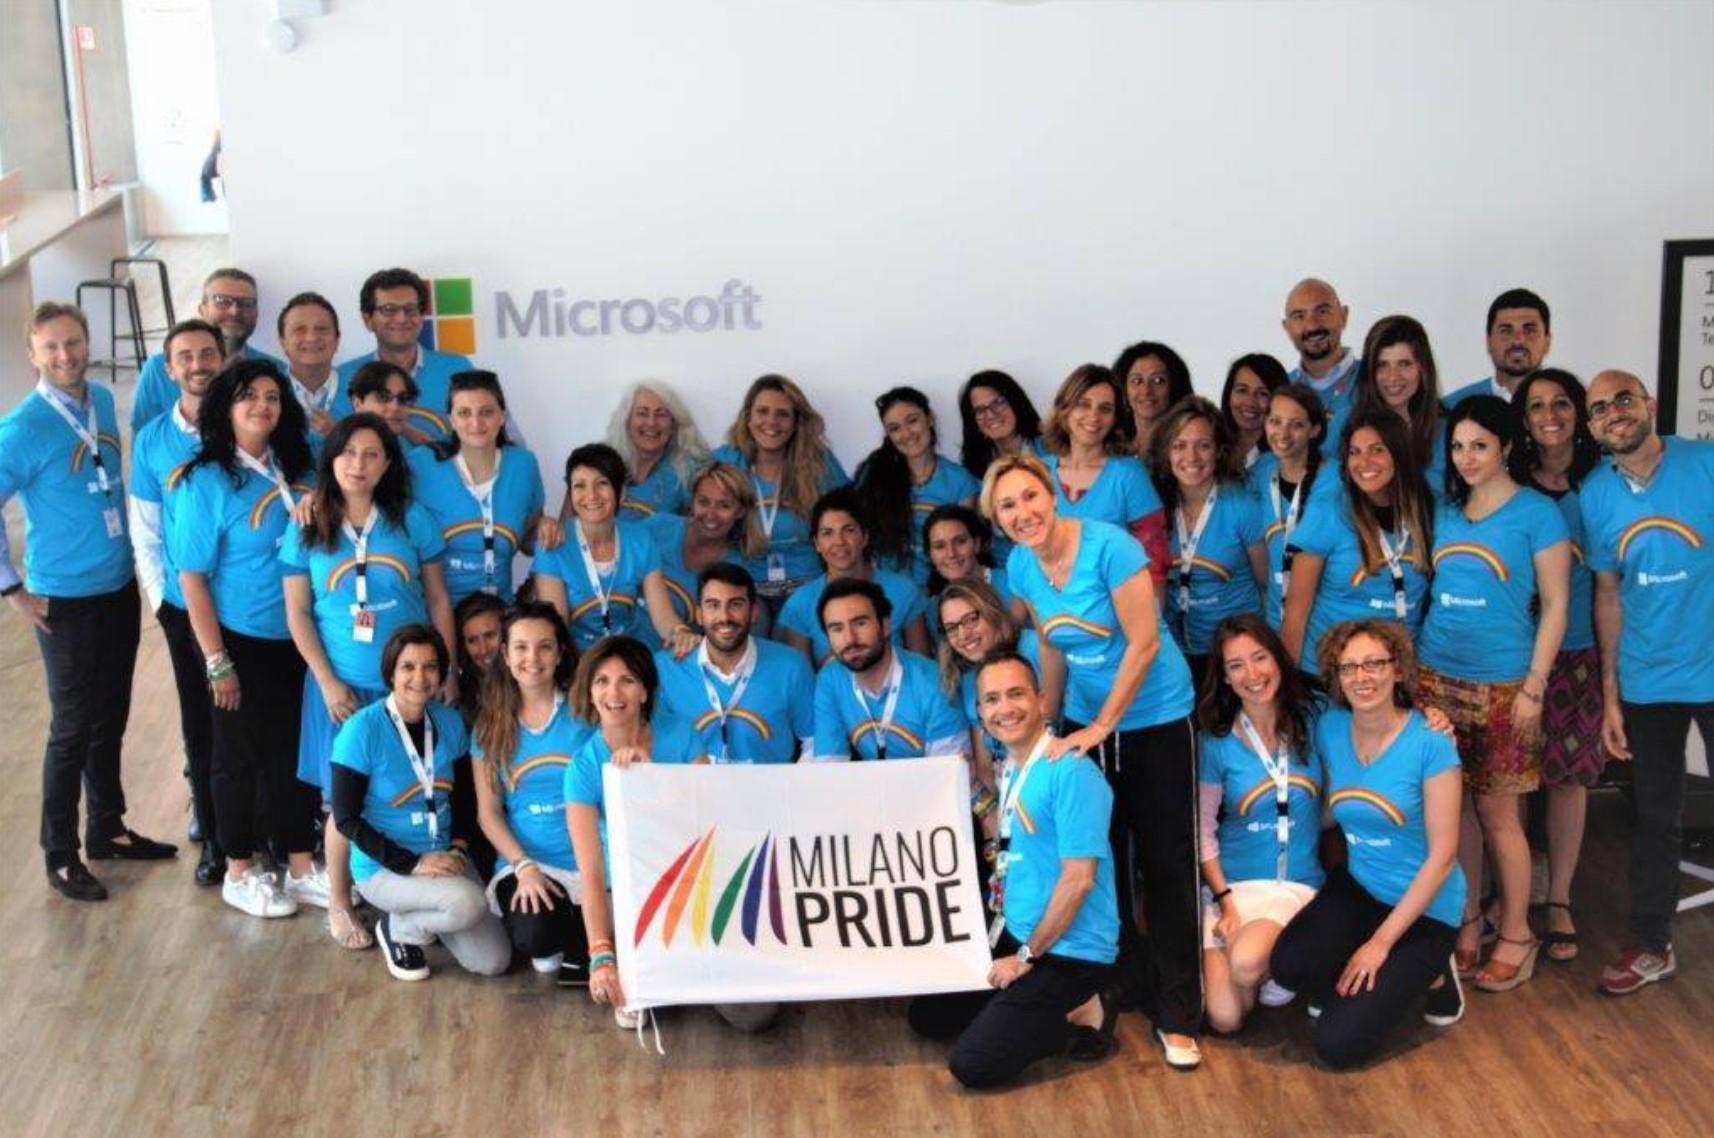 milano pride microsoft